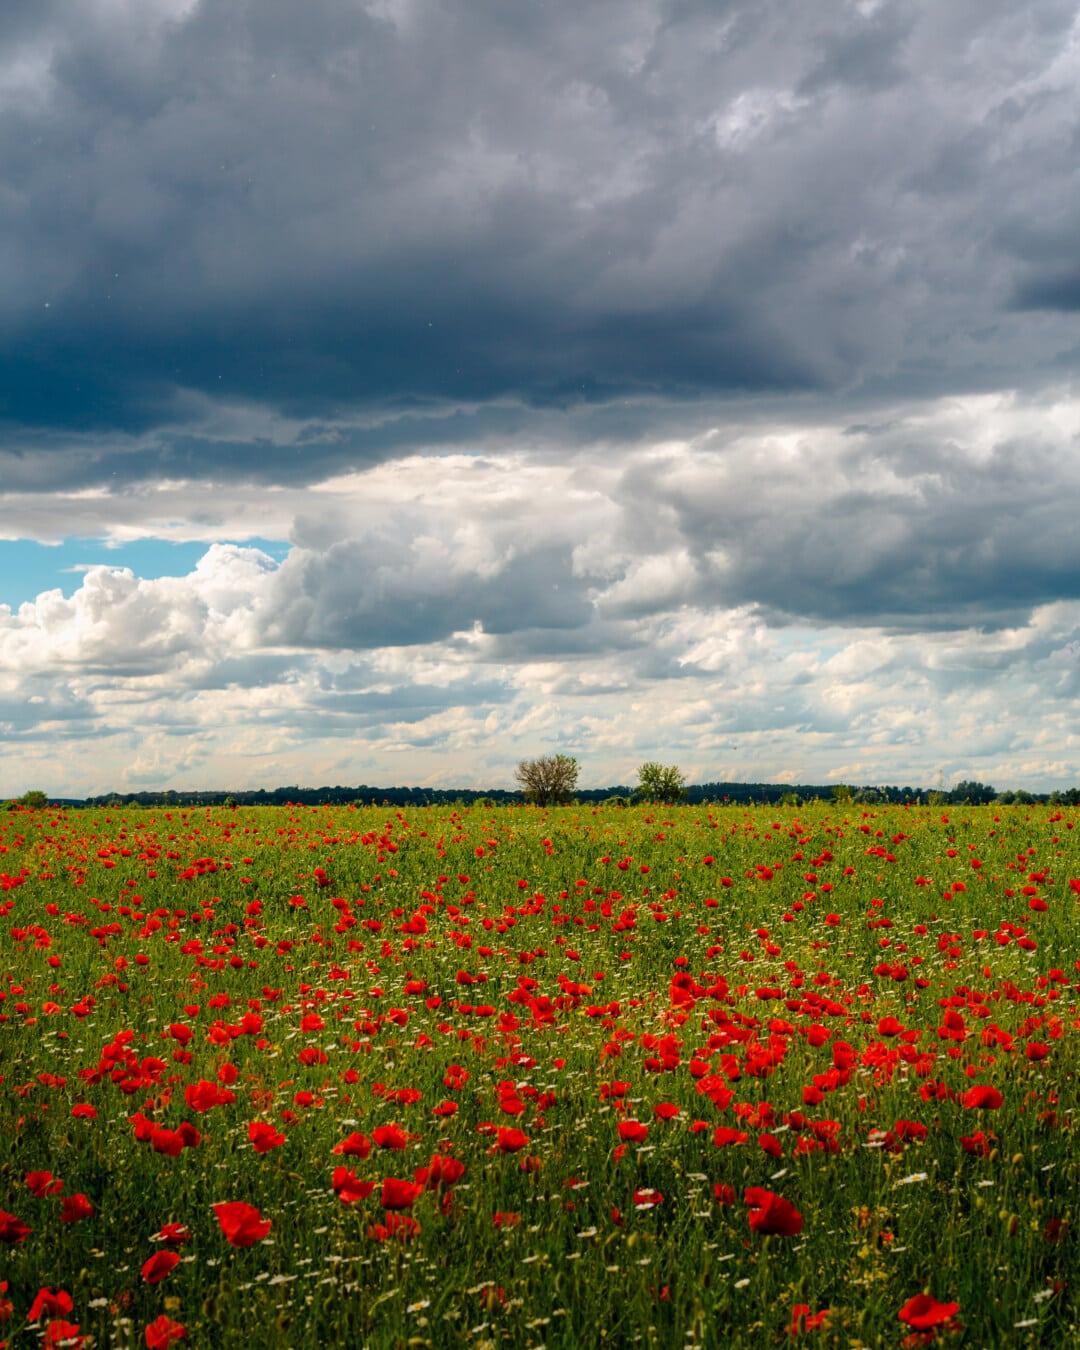 agricole, domaine, coquelicot, fleurs, prairie, nature, paysage, été, printemps, fleur